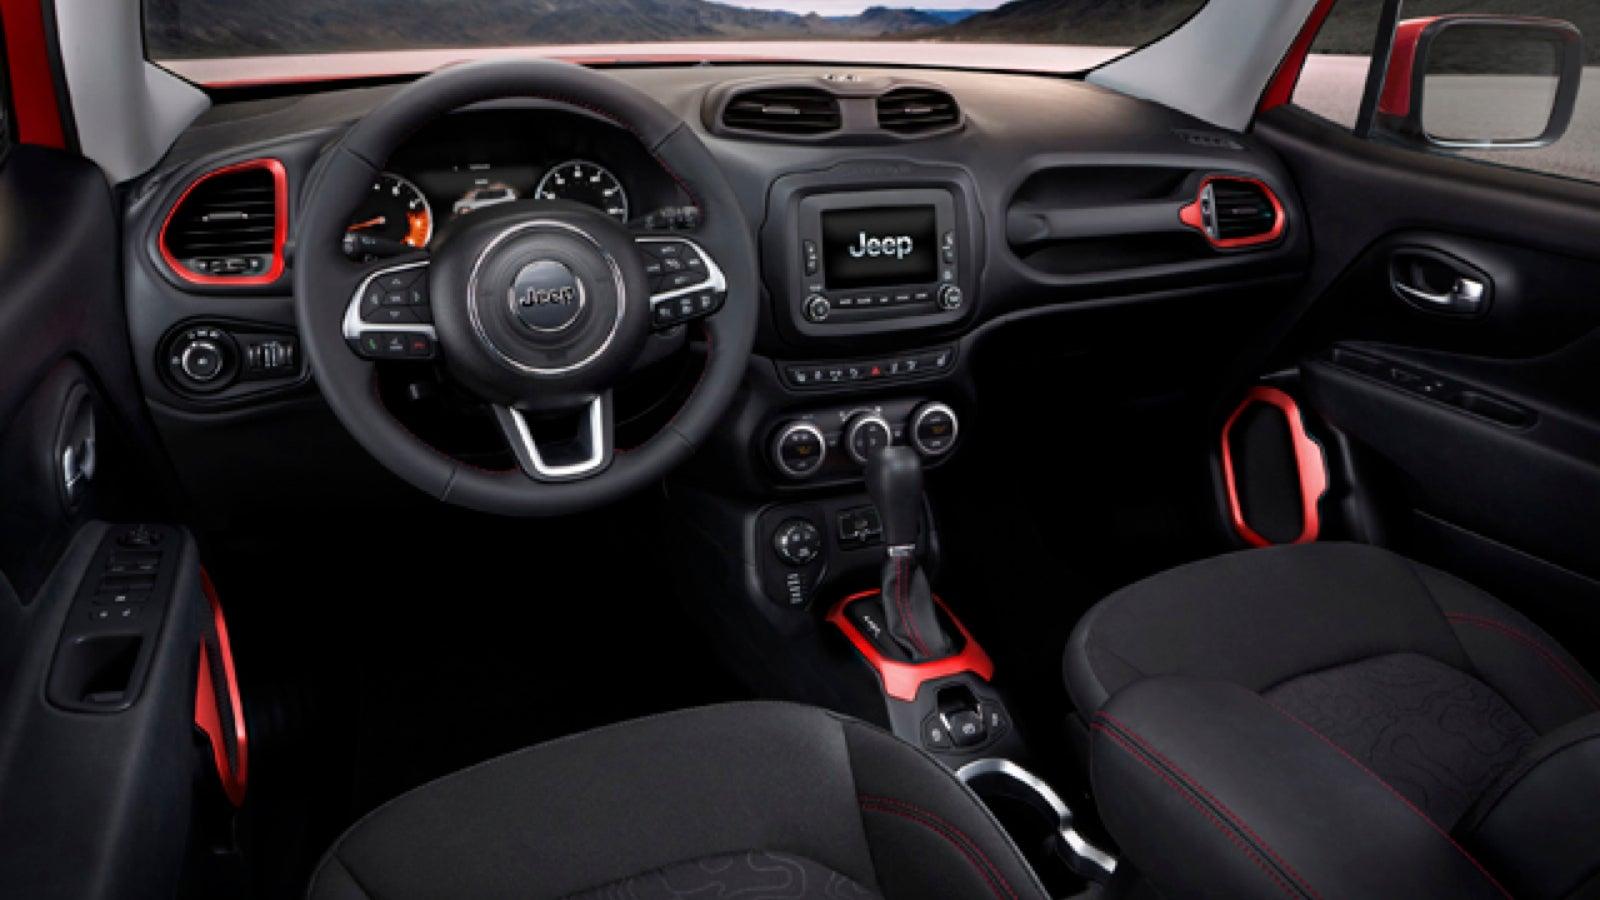 Car interior piping - Car Interior Piping 16